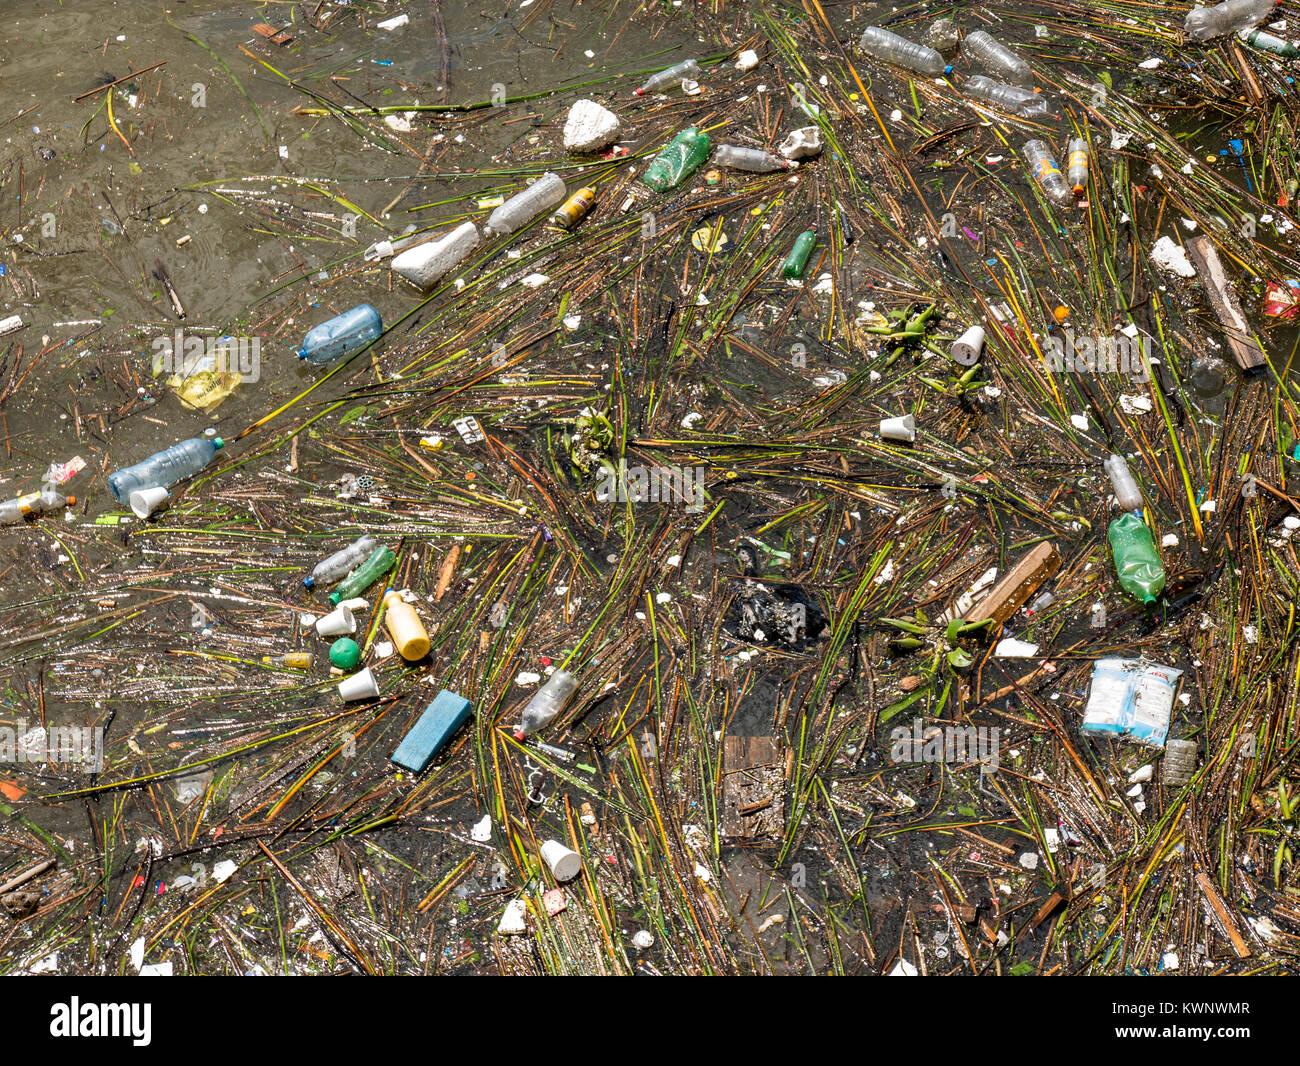 La pollution, les déchets; déchets; déchets flottant dans l'Océan Atlantique Photo Stock